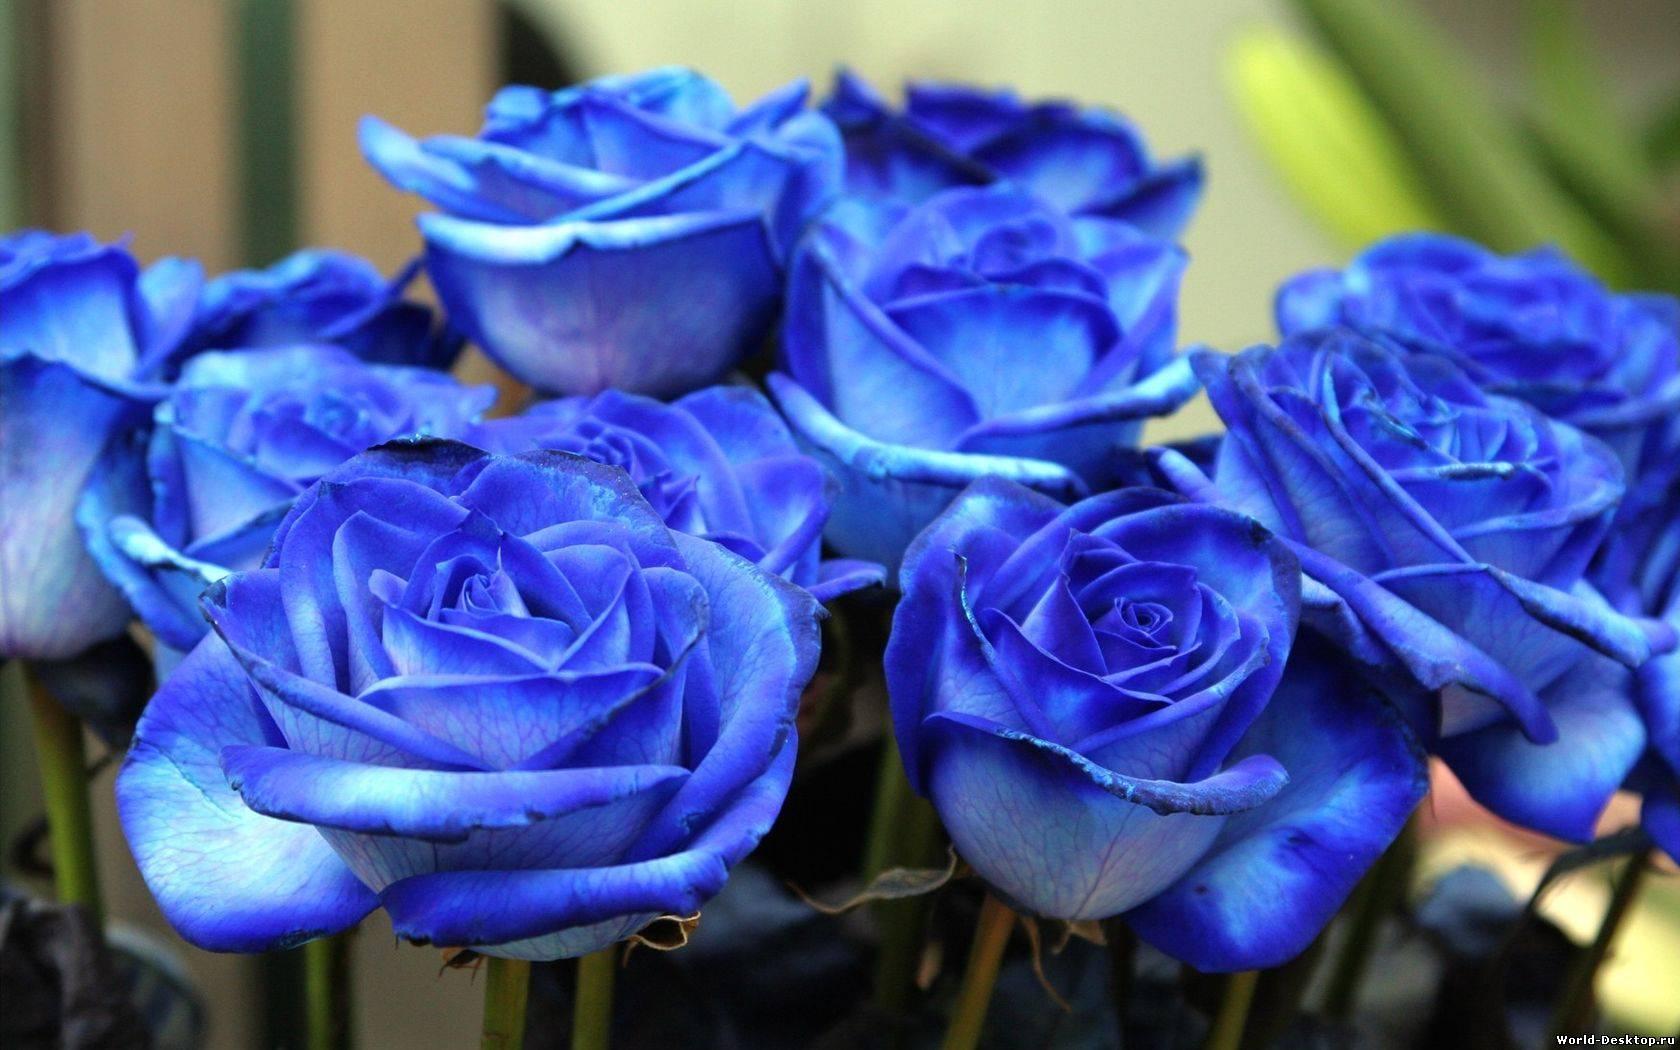 Картинки синие розы скачать бесплатно - ad69c